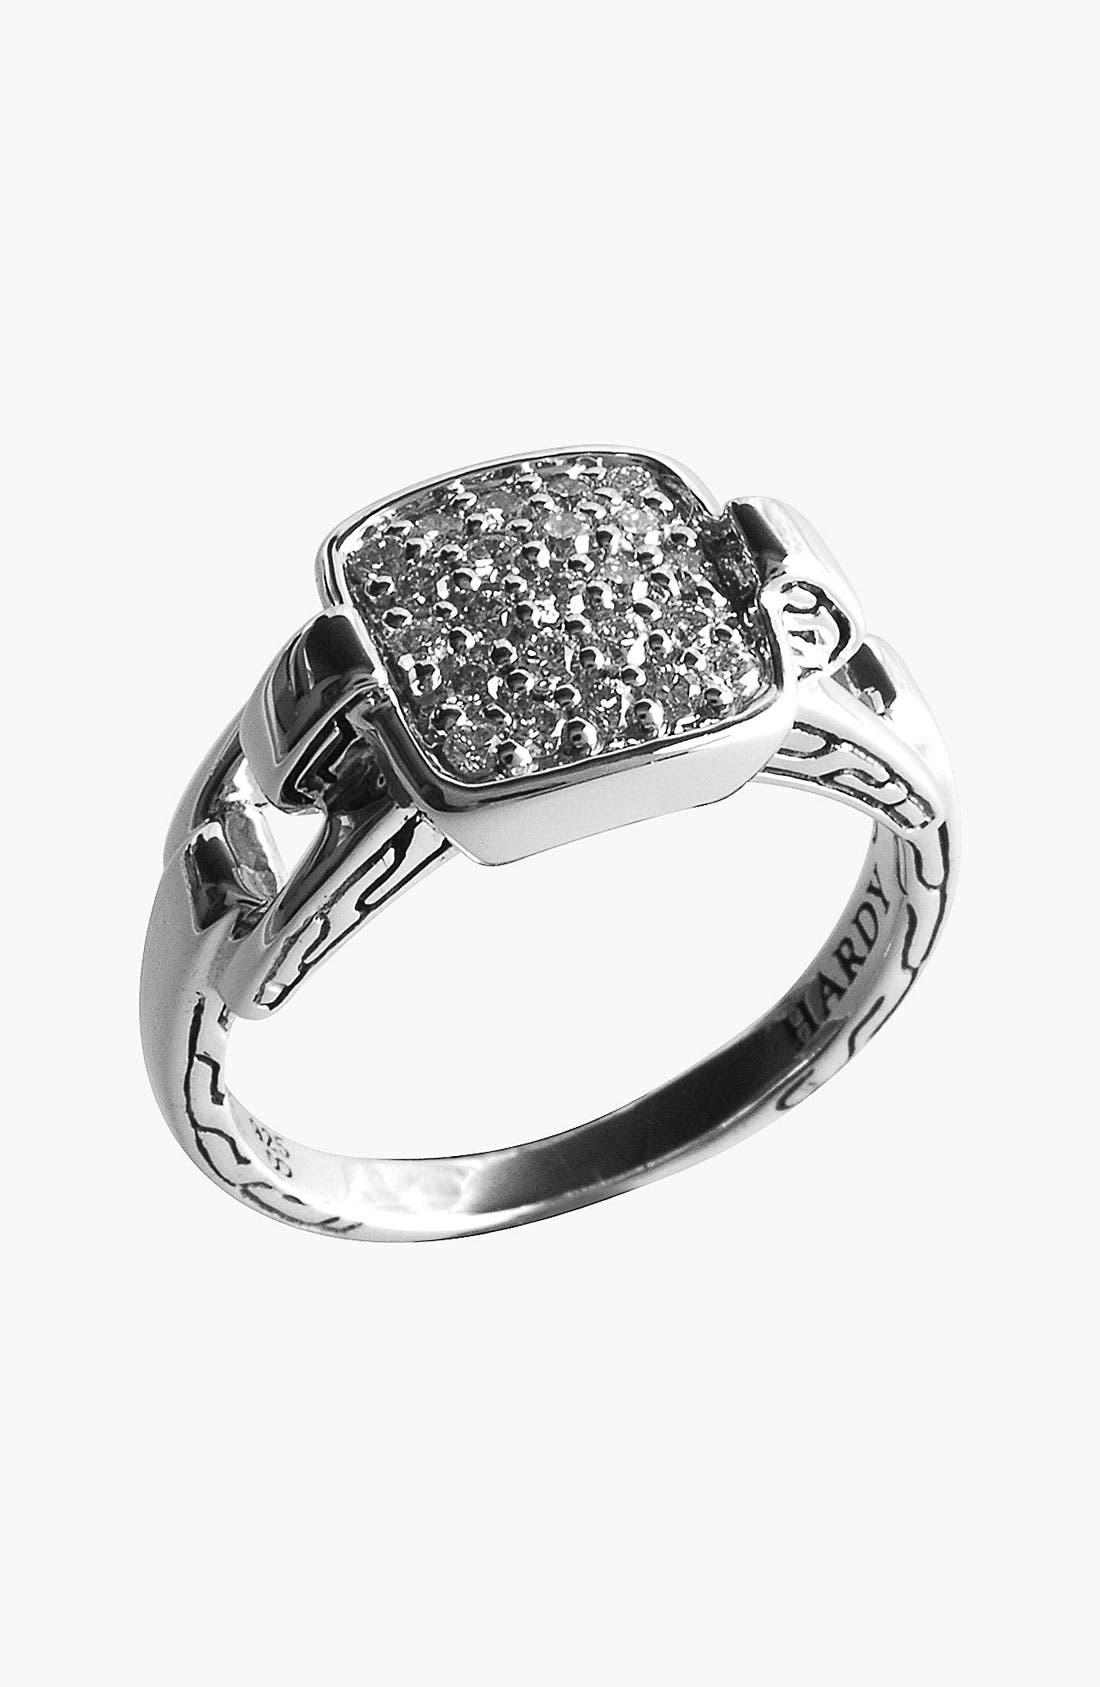 Main Image - John Hardy 'Classic Chain' Rectangular Diamond Ring